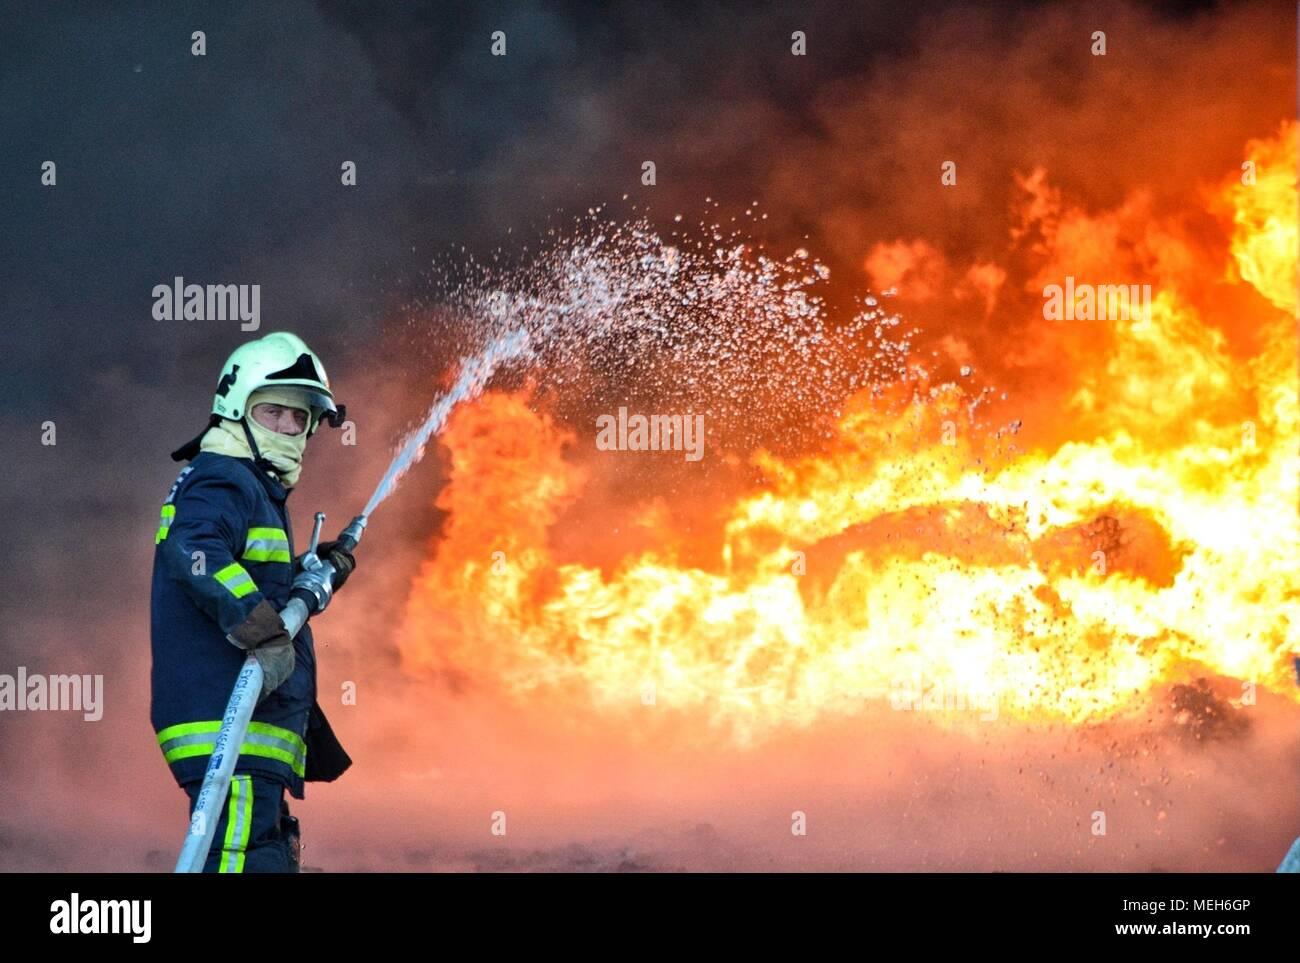 Feuerwehrmann kämpft mit Feuer, Feuerwehr auf der Suche nach Überlebenden. Riesige Flammen brannte ein Recyclingunternehmen in Tirana, Feuerwehrmann Löschmittel der Flamme Stockfoto